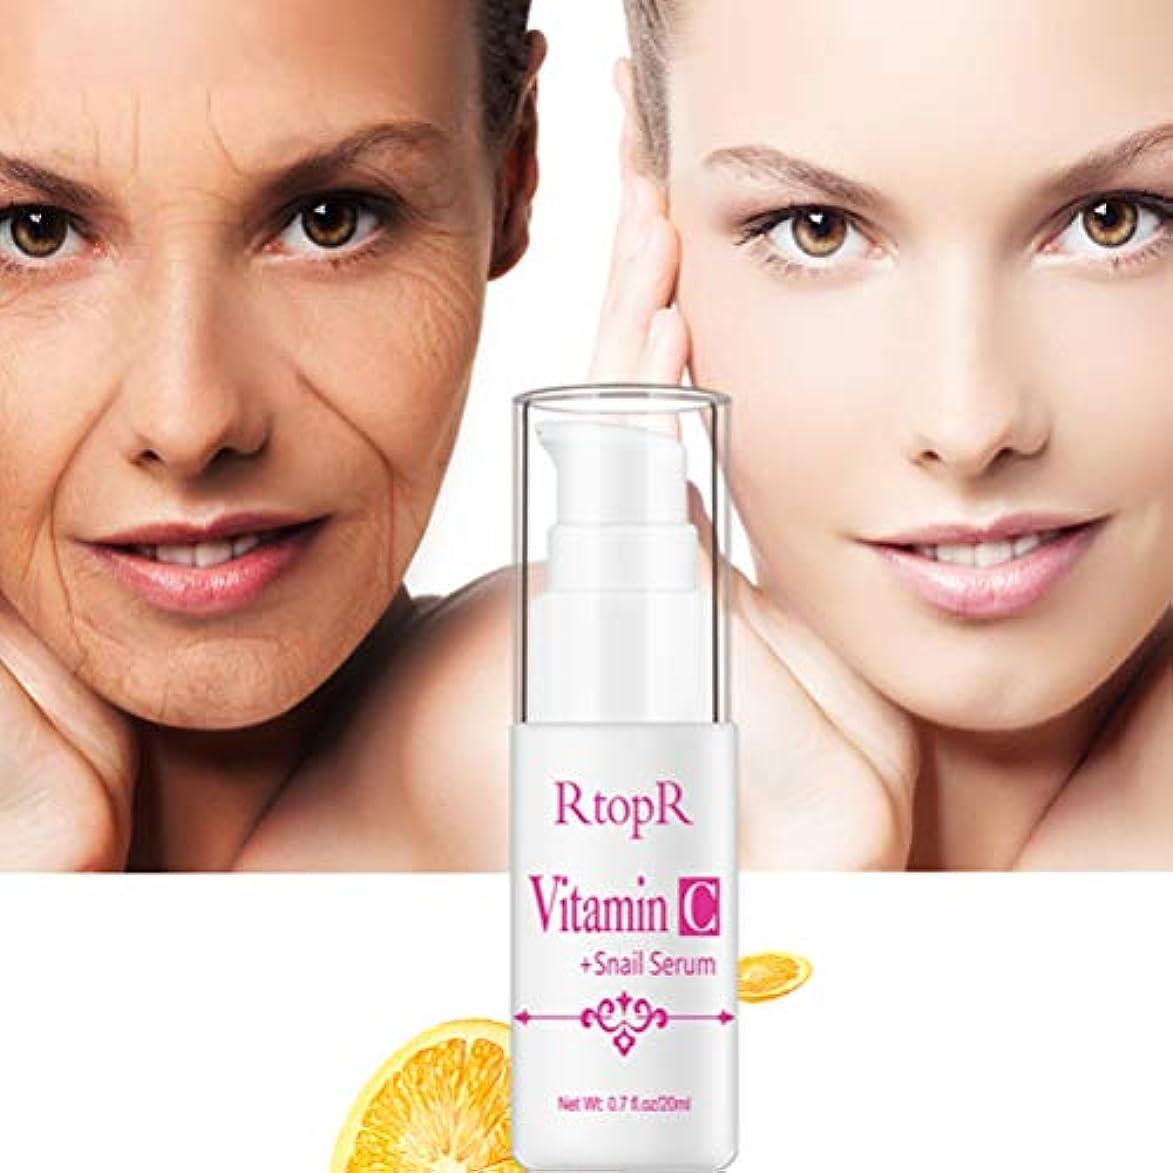 ポンプ慈悲深い居住者BSMEAN 顔の血清、カタツムリクリーム抗しわ引き締め顔のにきび治療のための明るいビタミンC皮膚血清たるみを軽減し、スキンケアローションを締めます